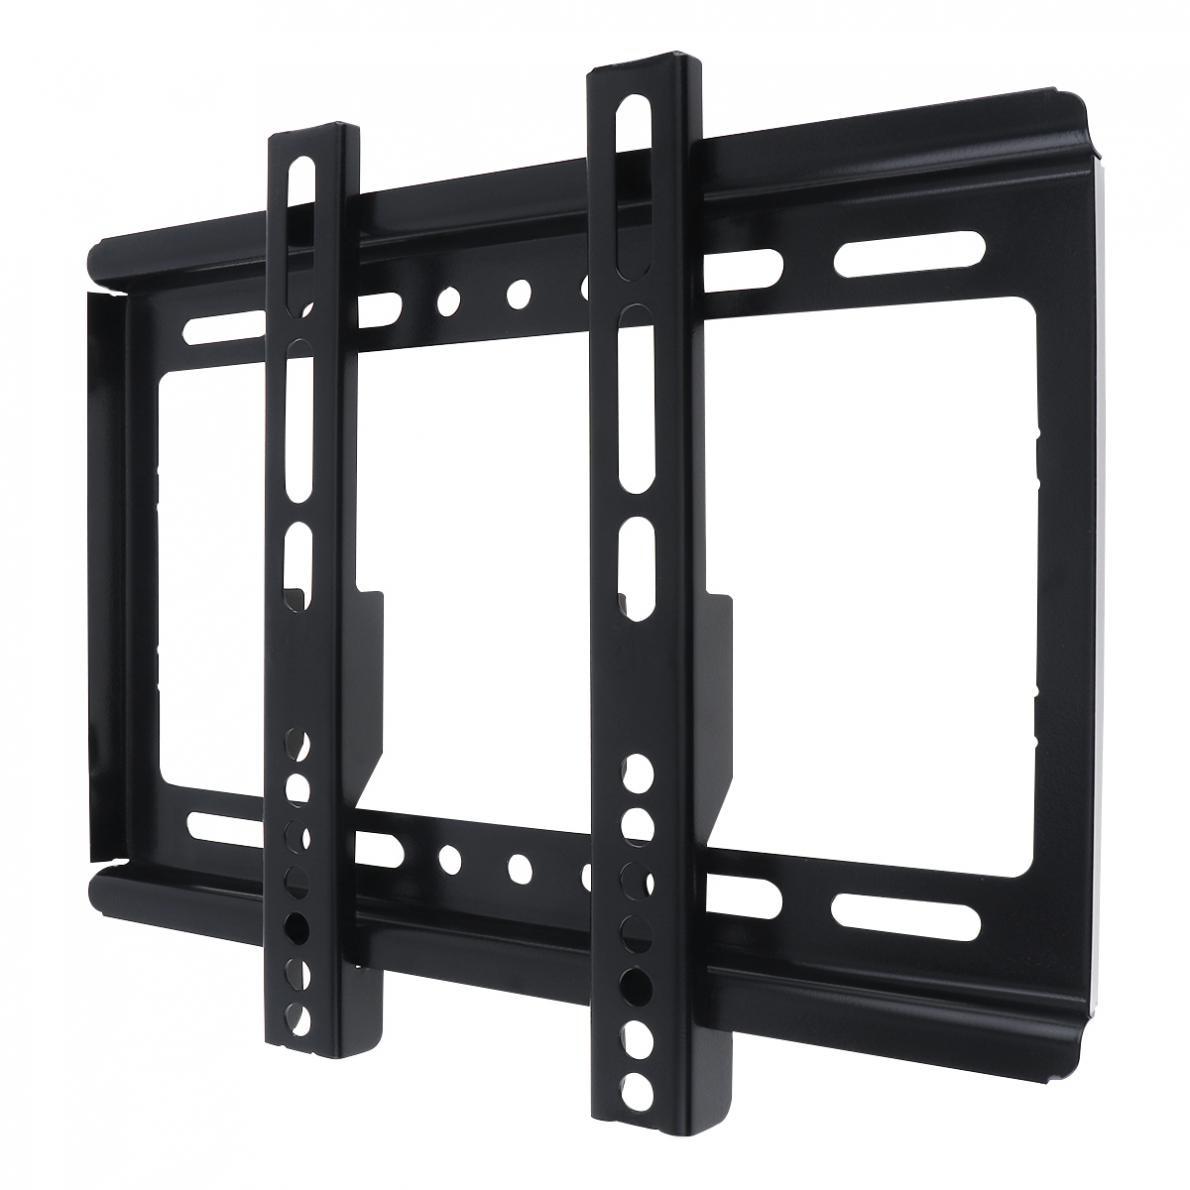 Image 5 - Универсальный тонкий 25кг 14 42 дюймовый настенный кронштейн для телевизора плоская панель Рамка для телевизора с градиентом для ЖК дисплея светодиодный плоский мониторКронштейны для ТВ    АлиЭкспресс